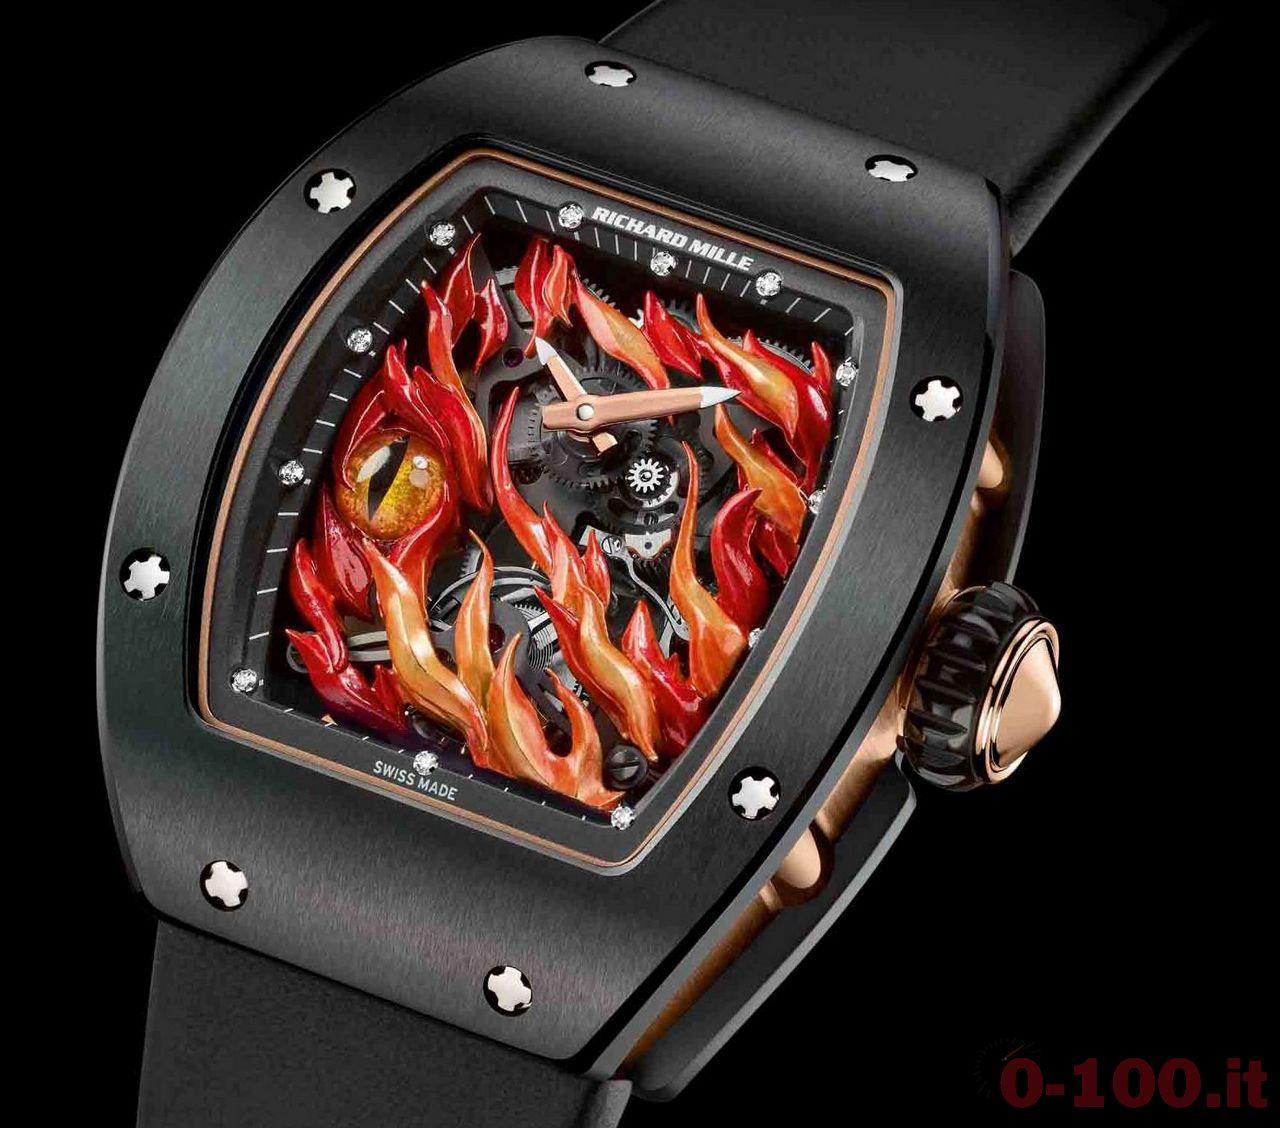 richard-mille-tourbillon-rm-26-02-evil-eye-prezzo-price_0-1001